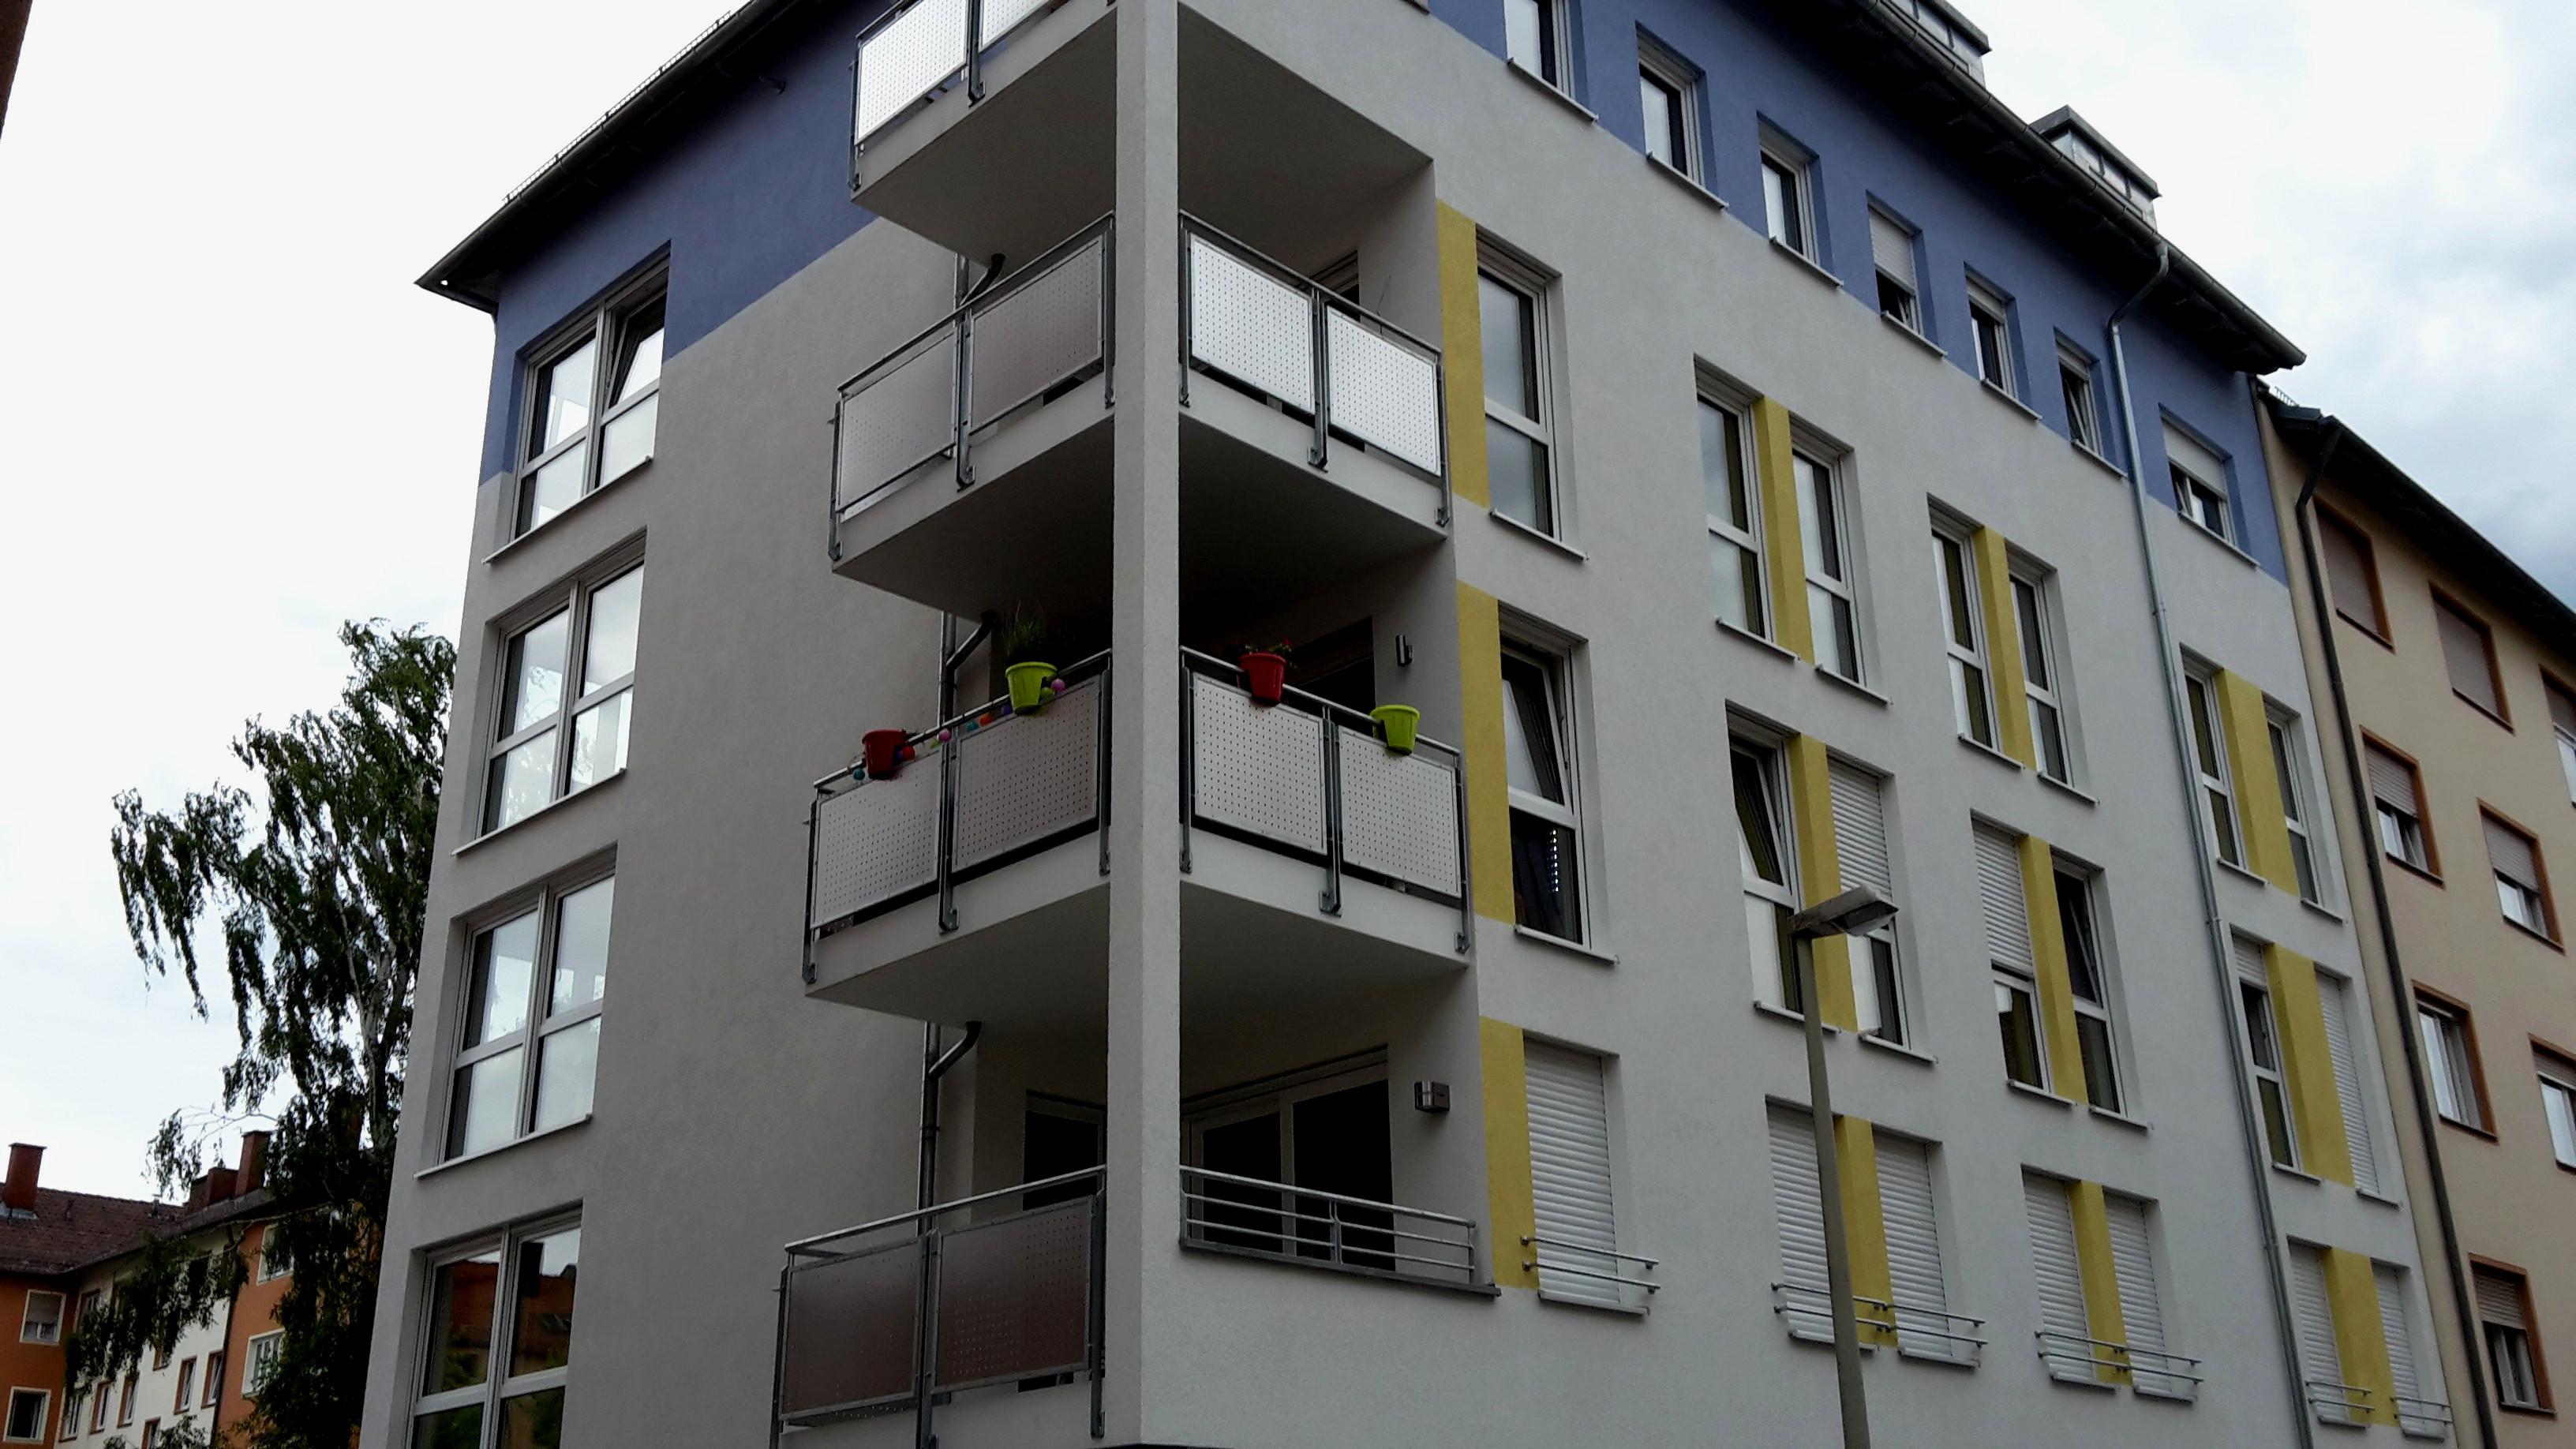 2 Zimmer Wohnung Nürnberg  2 Zimmer Wohnung Nürnberg Kaufen